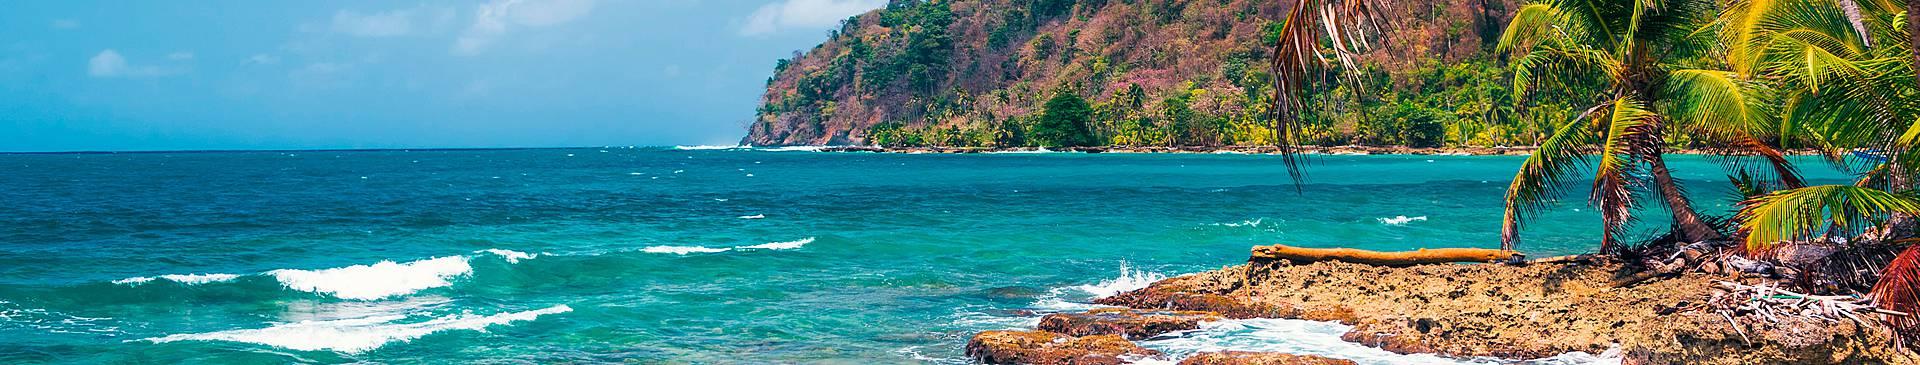 Viaggi al mare a Panama